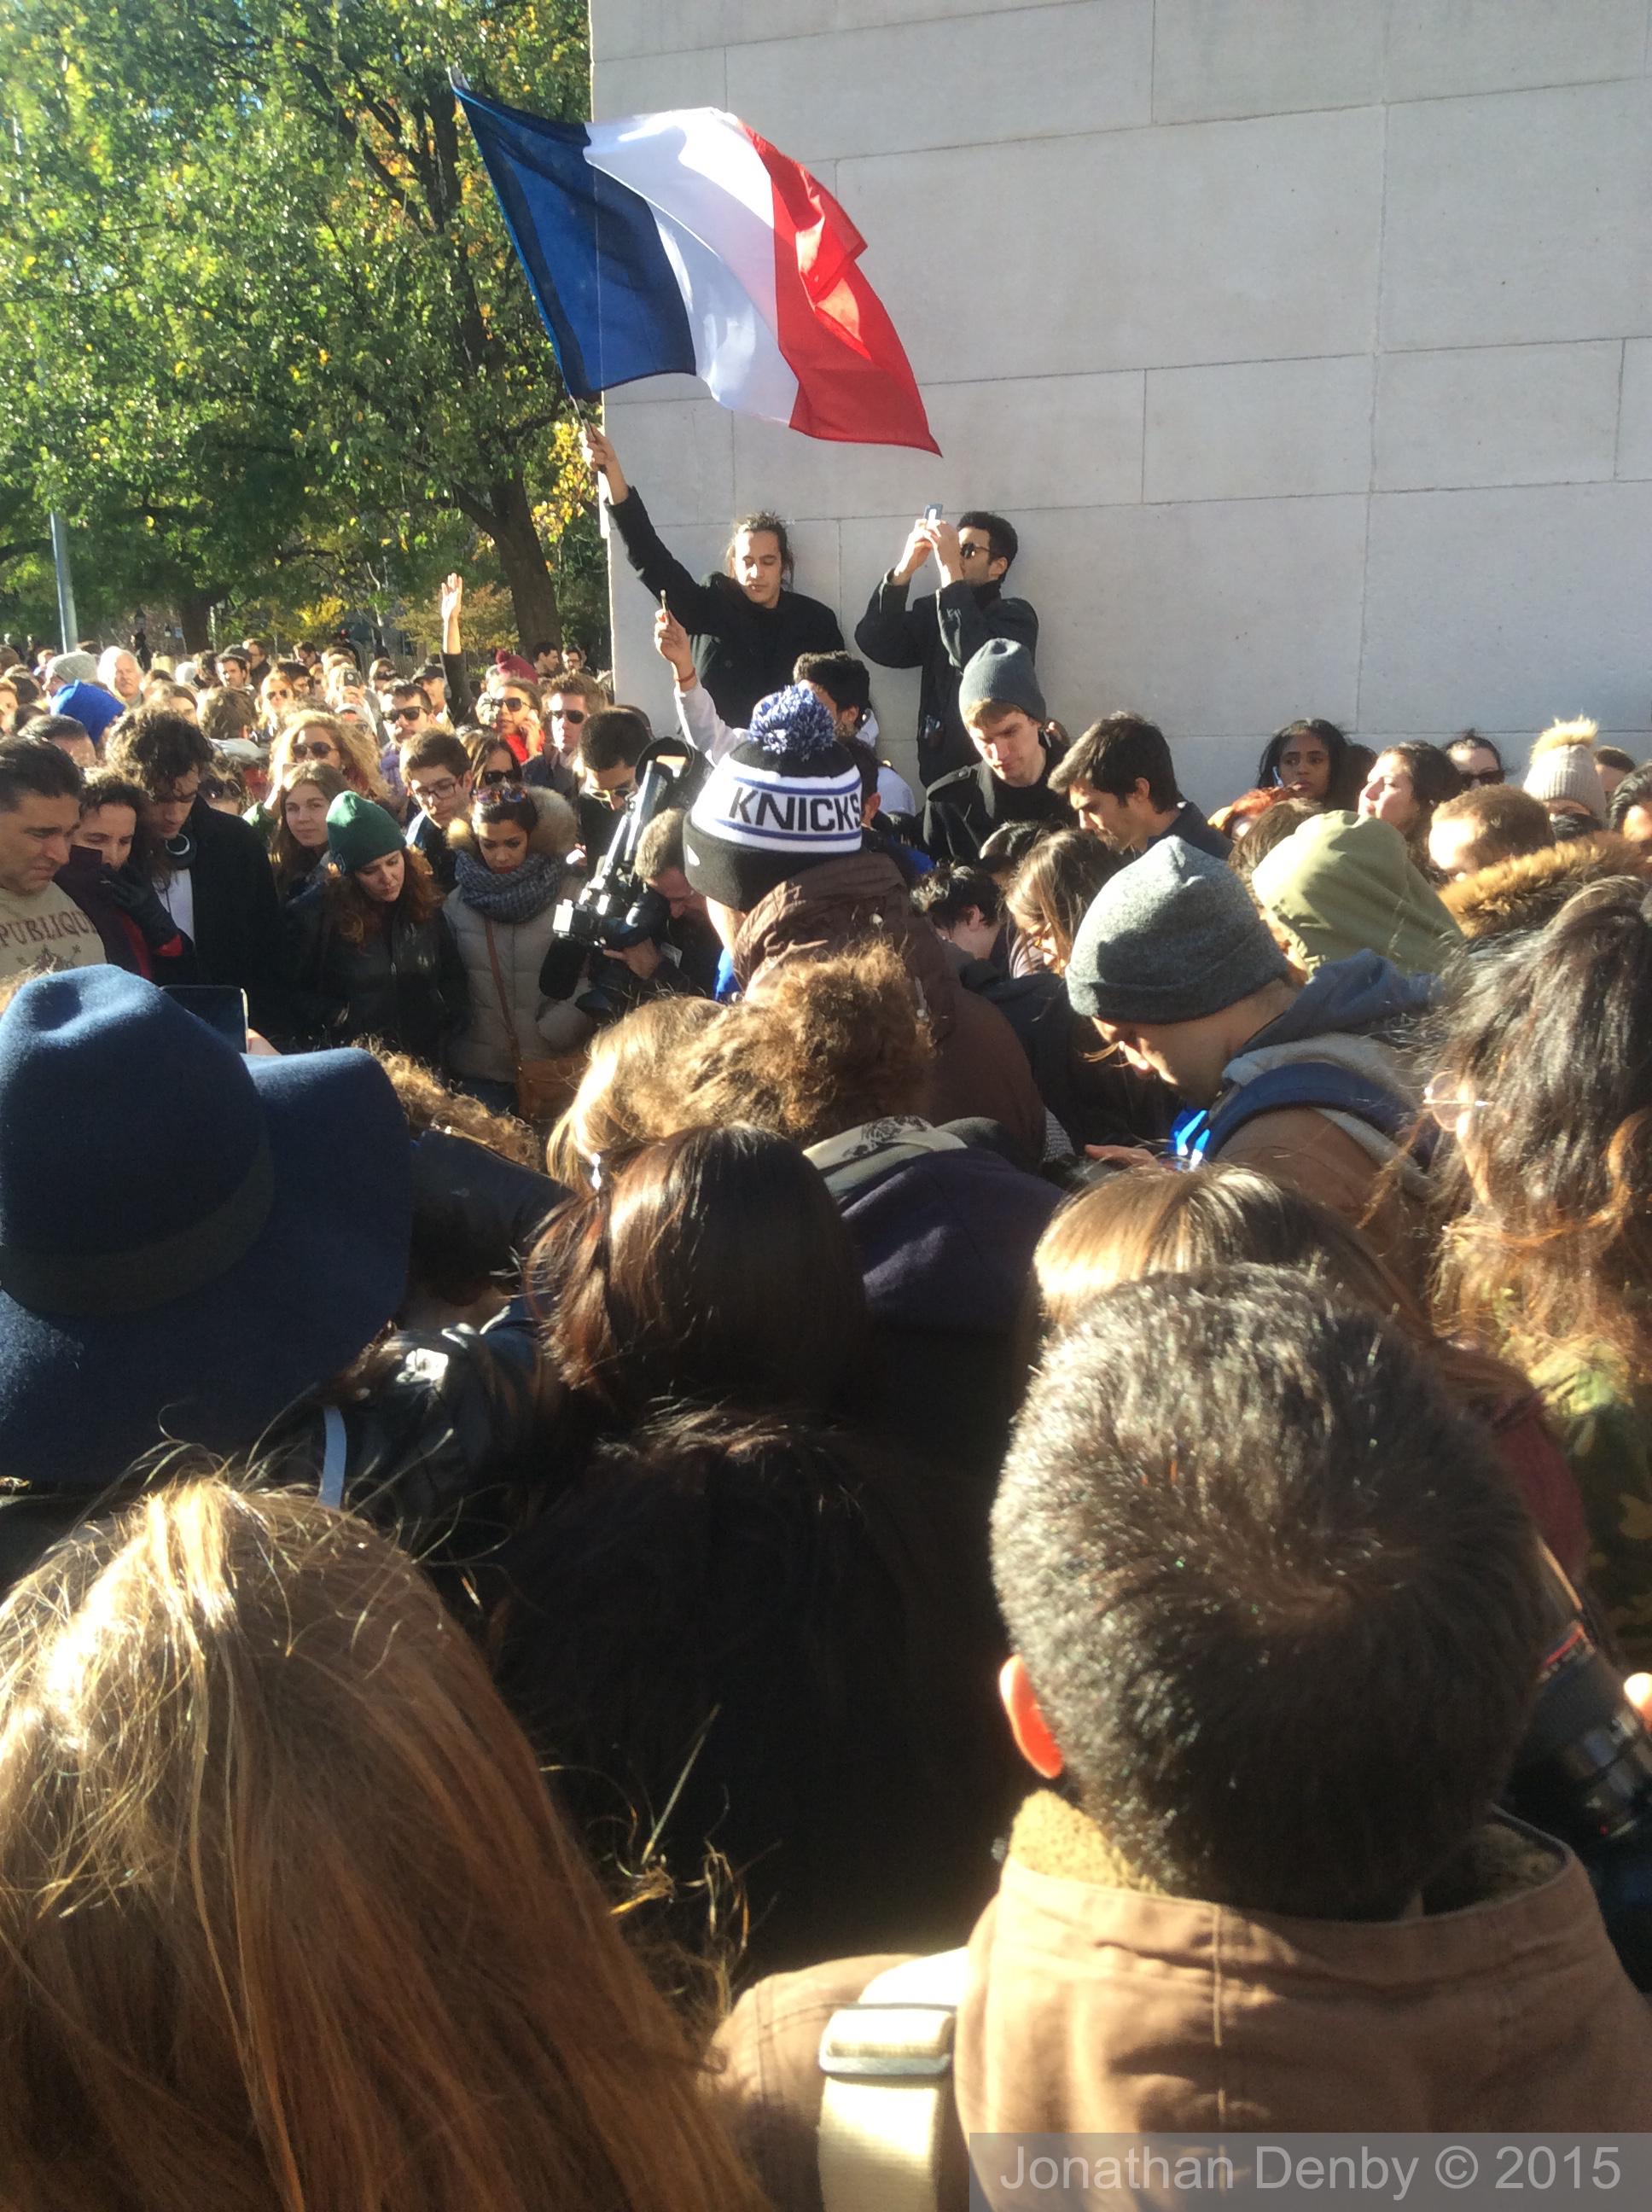 ParisAttackVigil_9_17_15 10.jpg